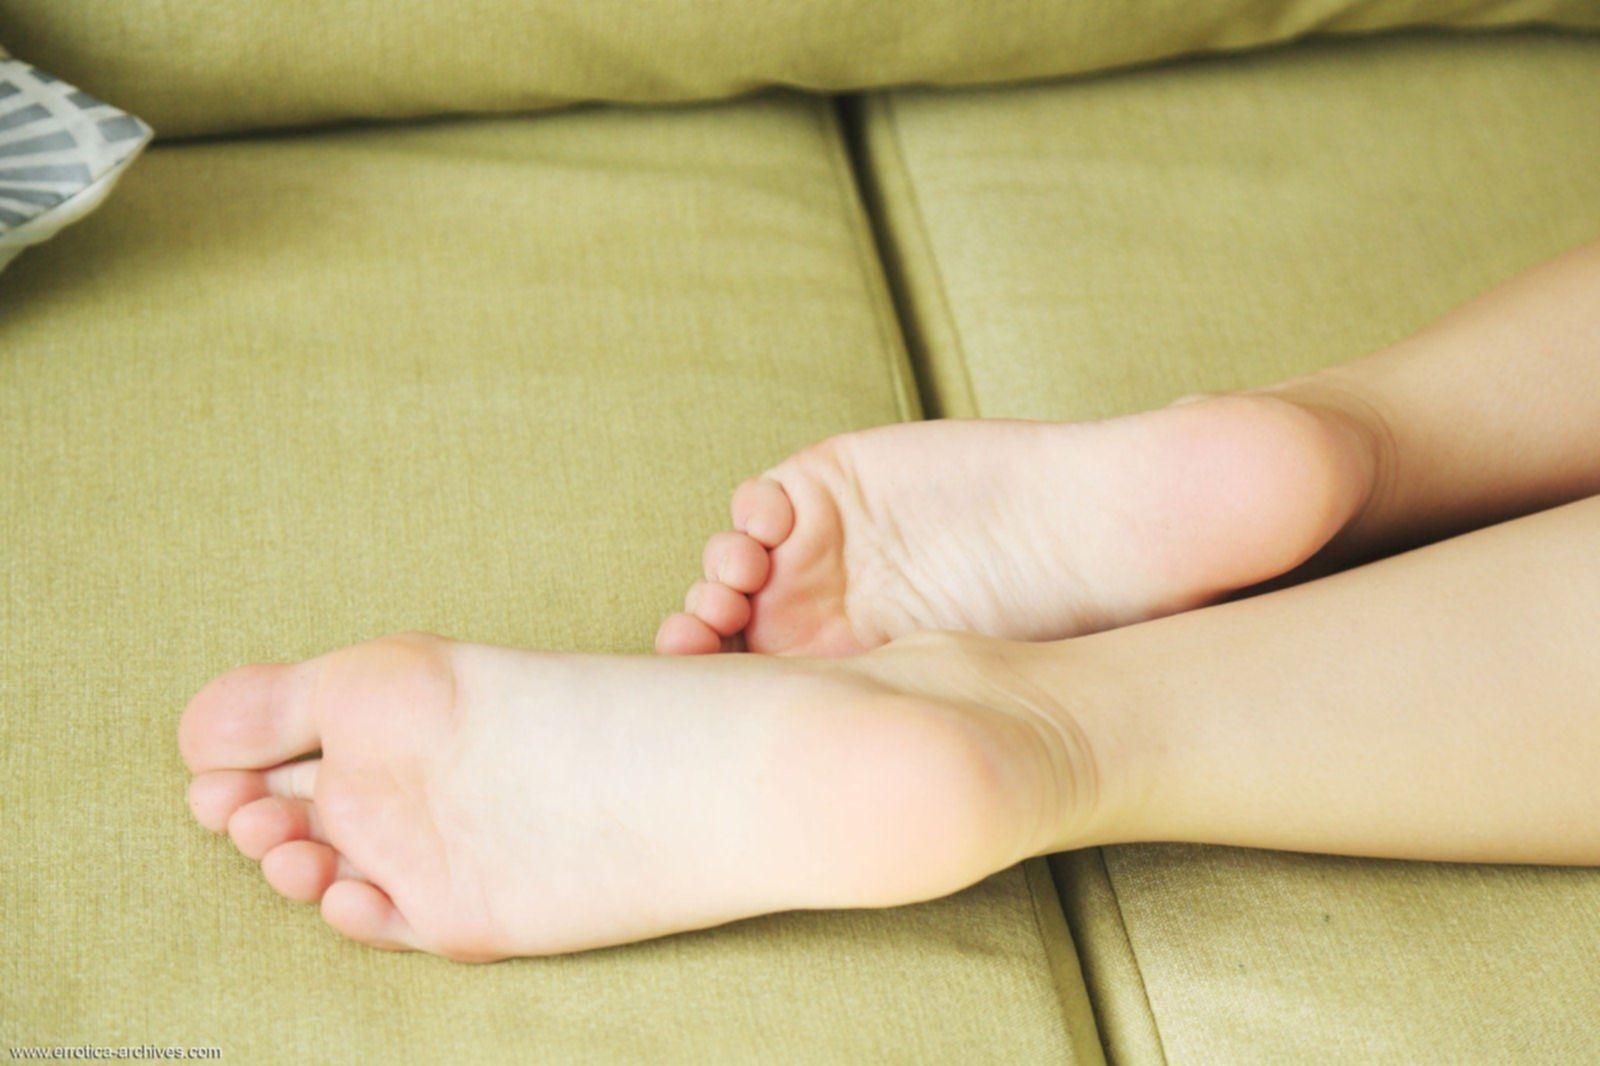 Сексуальная девушка с крупными упругими сиськами - фото